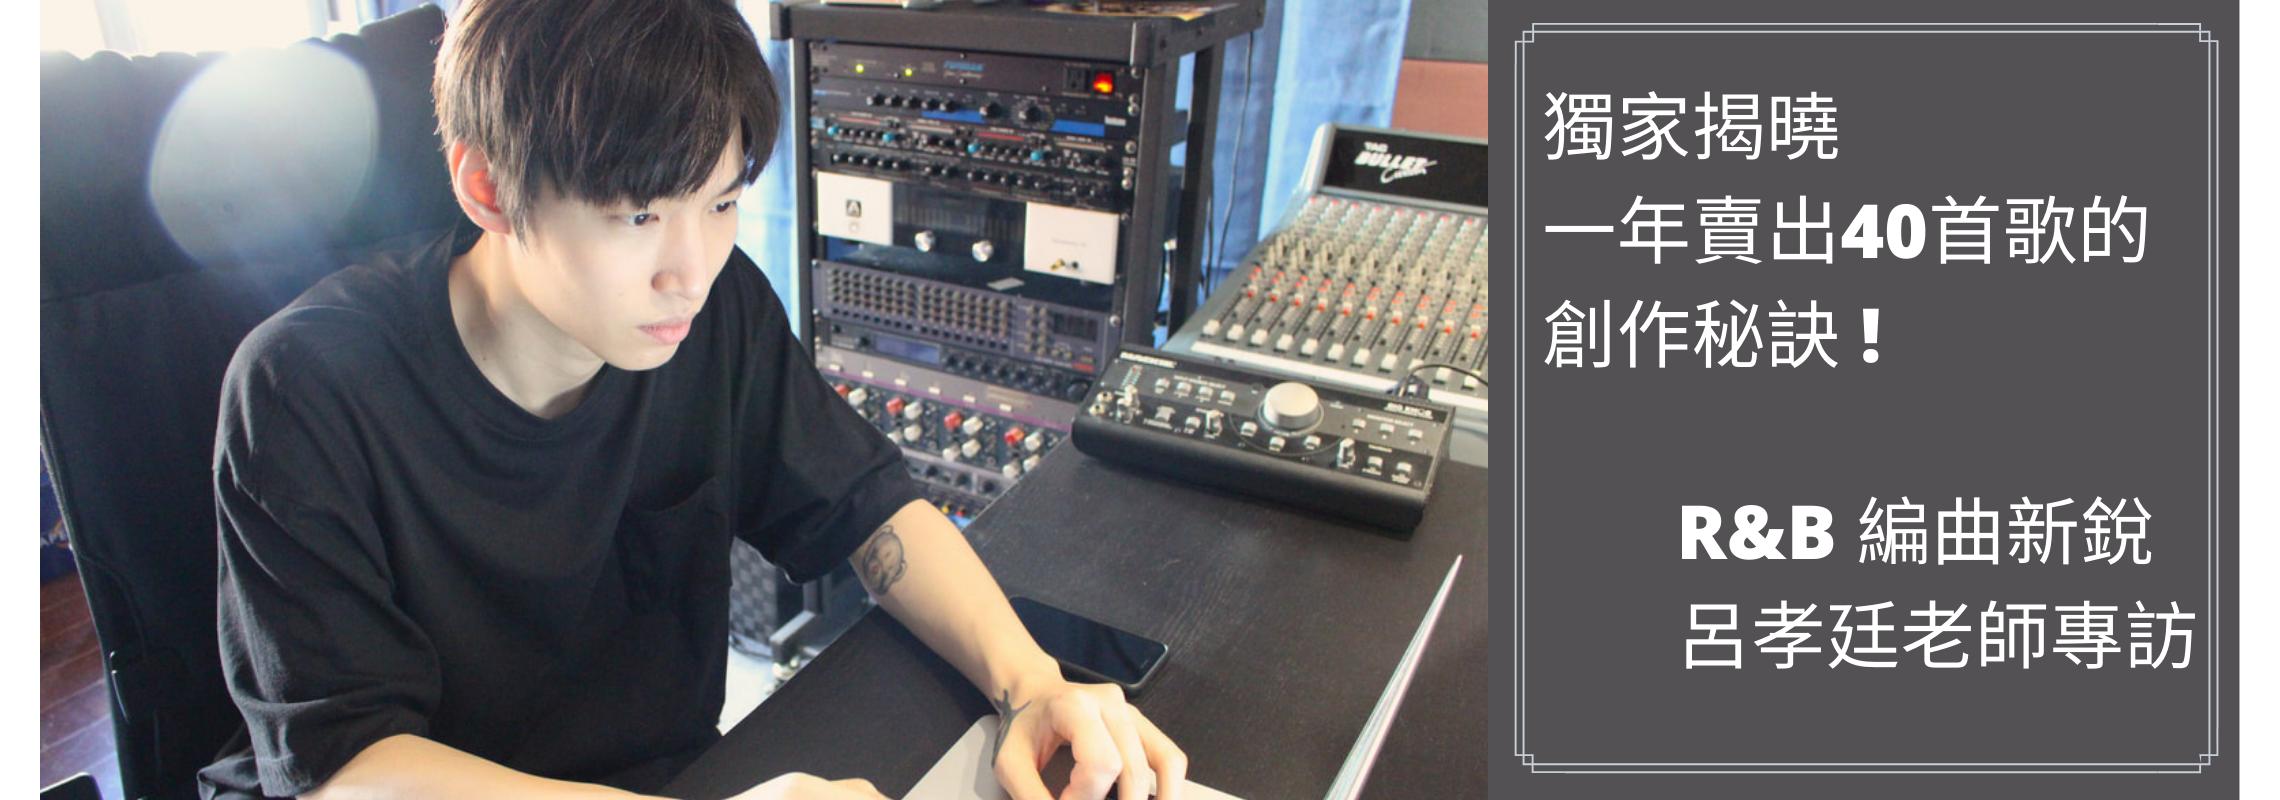 獨家揭曉!一年賣出40首歌的創作秘訣,R&B 編曲新銳呂孝廷老師專訪